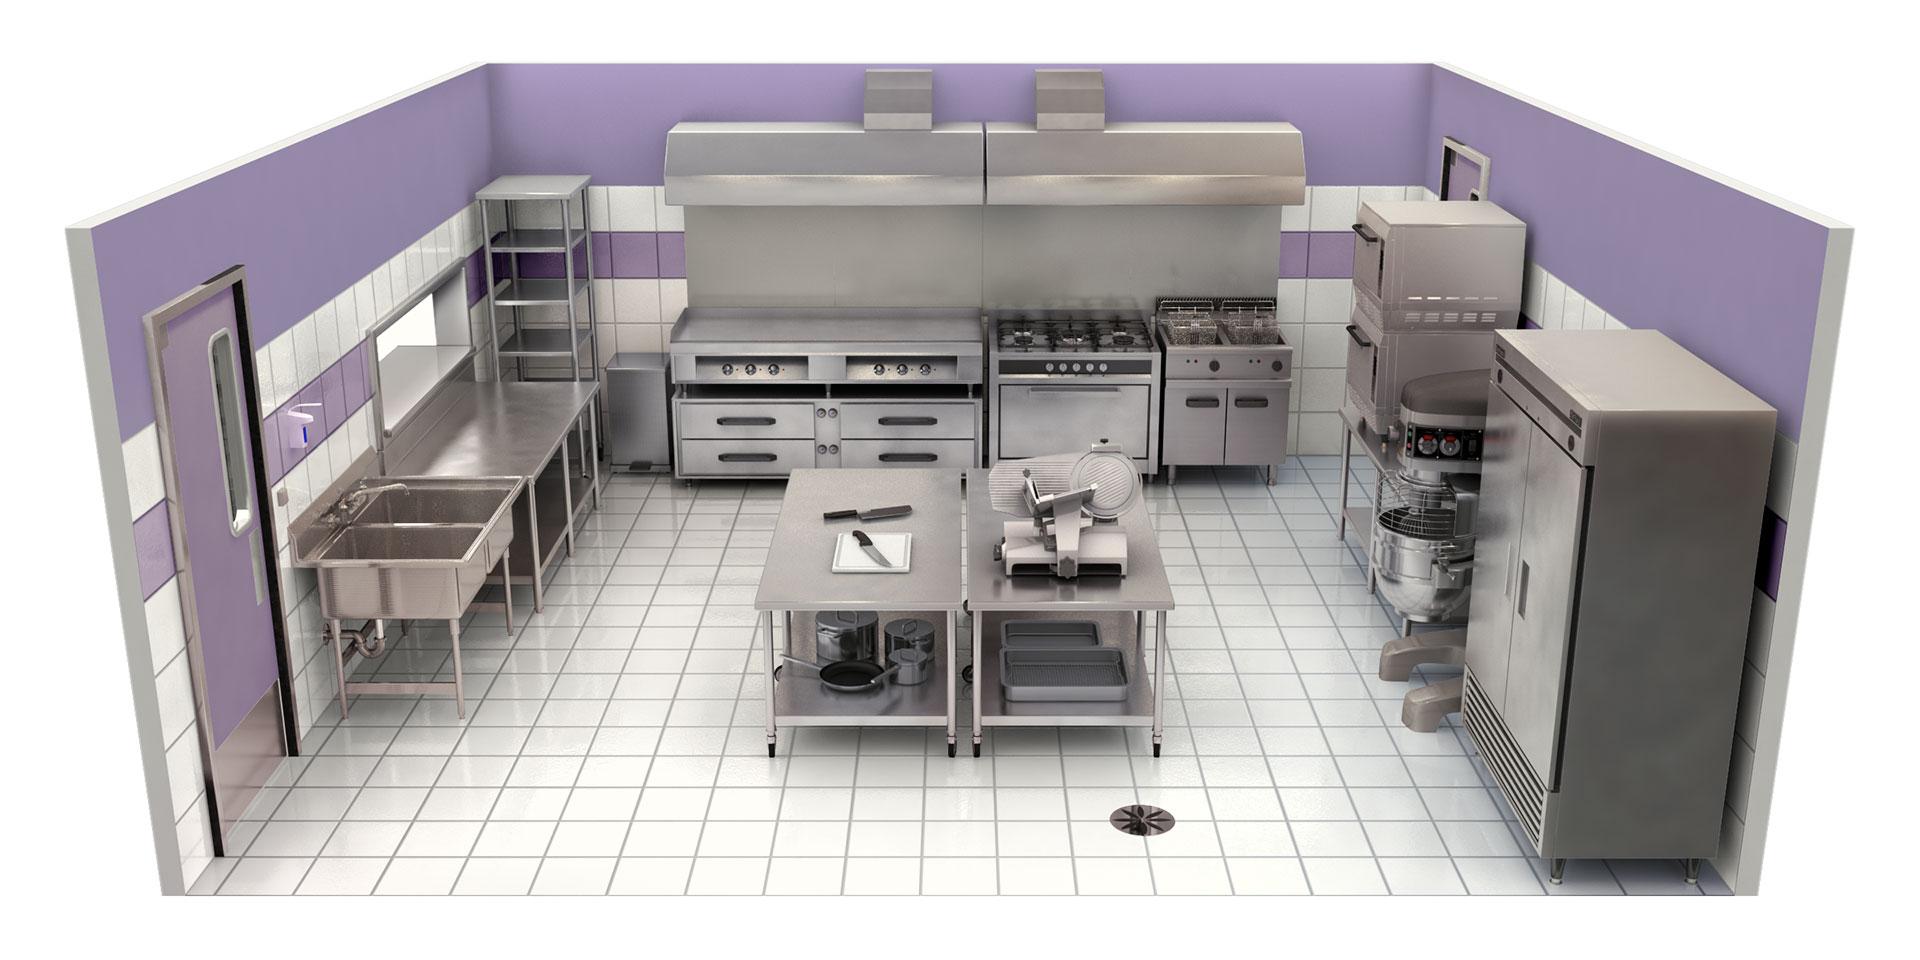 Artflow infographie 3d et illustration - Mesure d hygiene en cuisine ...